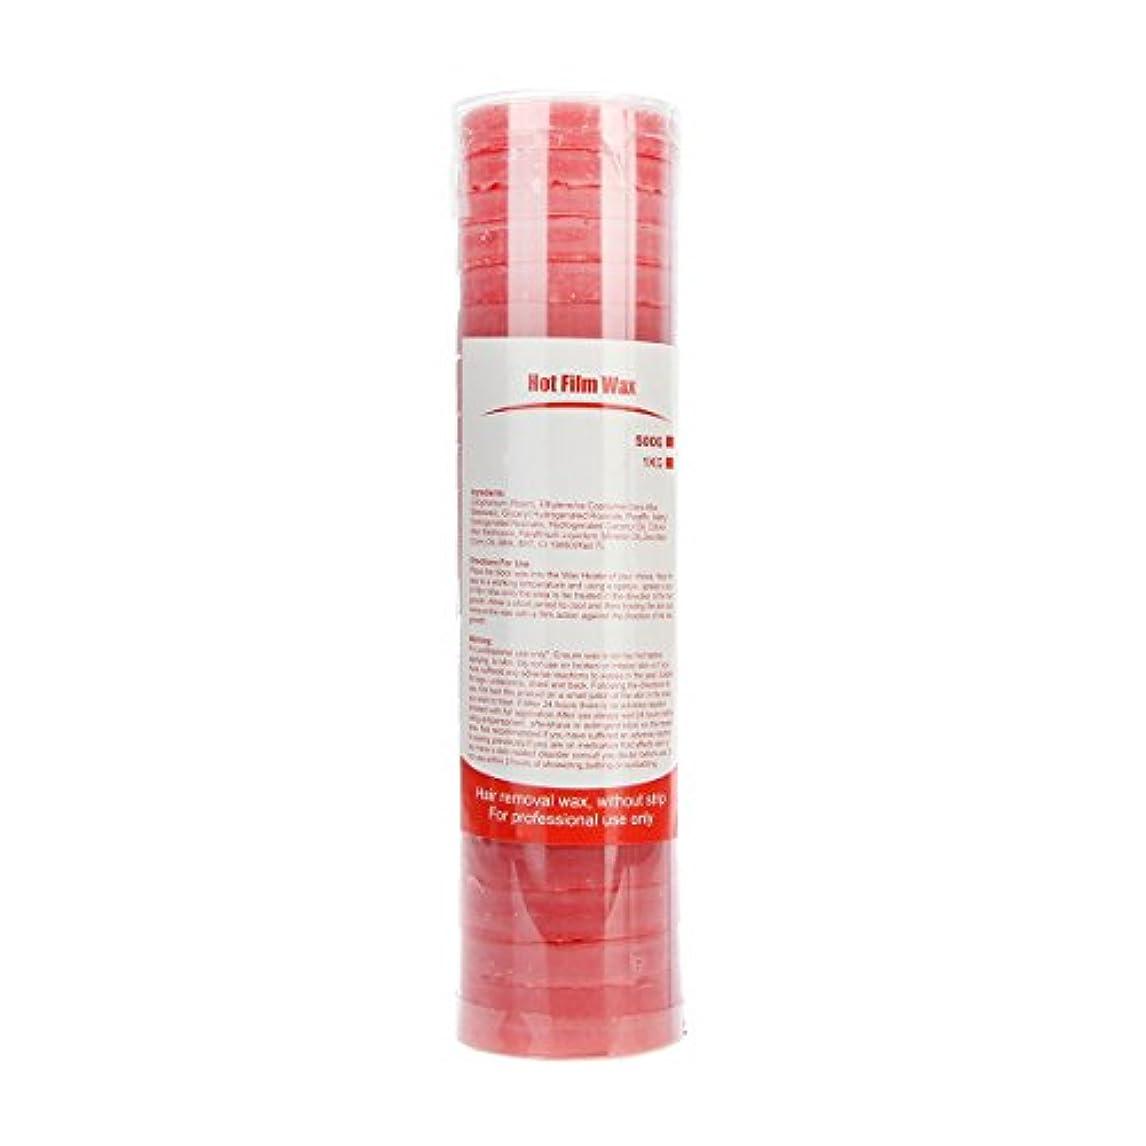 霧しばしば相手(アーニェメイ)Bonjanvy ハードワックス 脱毛 ビーズ 500g 1缶 ブラジリアンワックス 鼻毛 スティック 2本 セット-ローズ